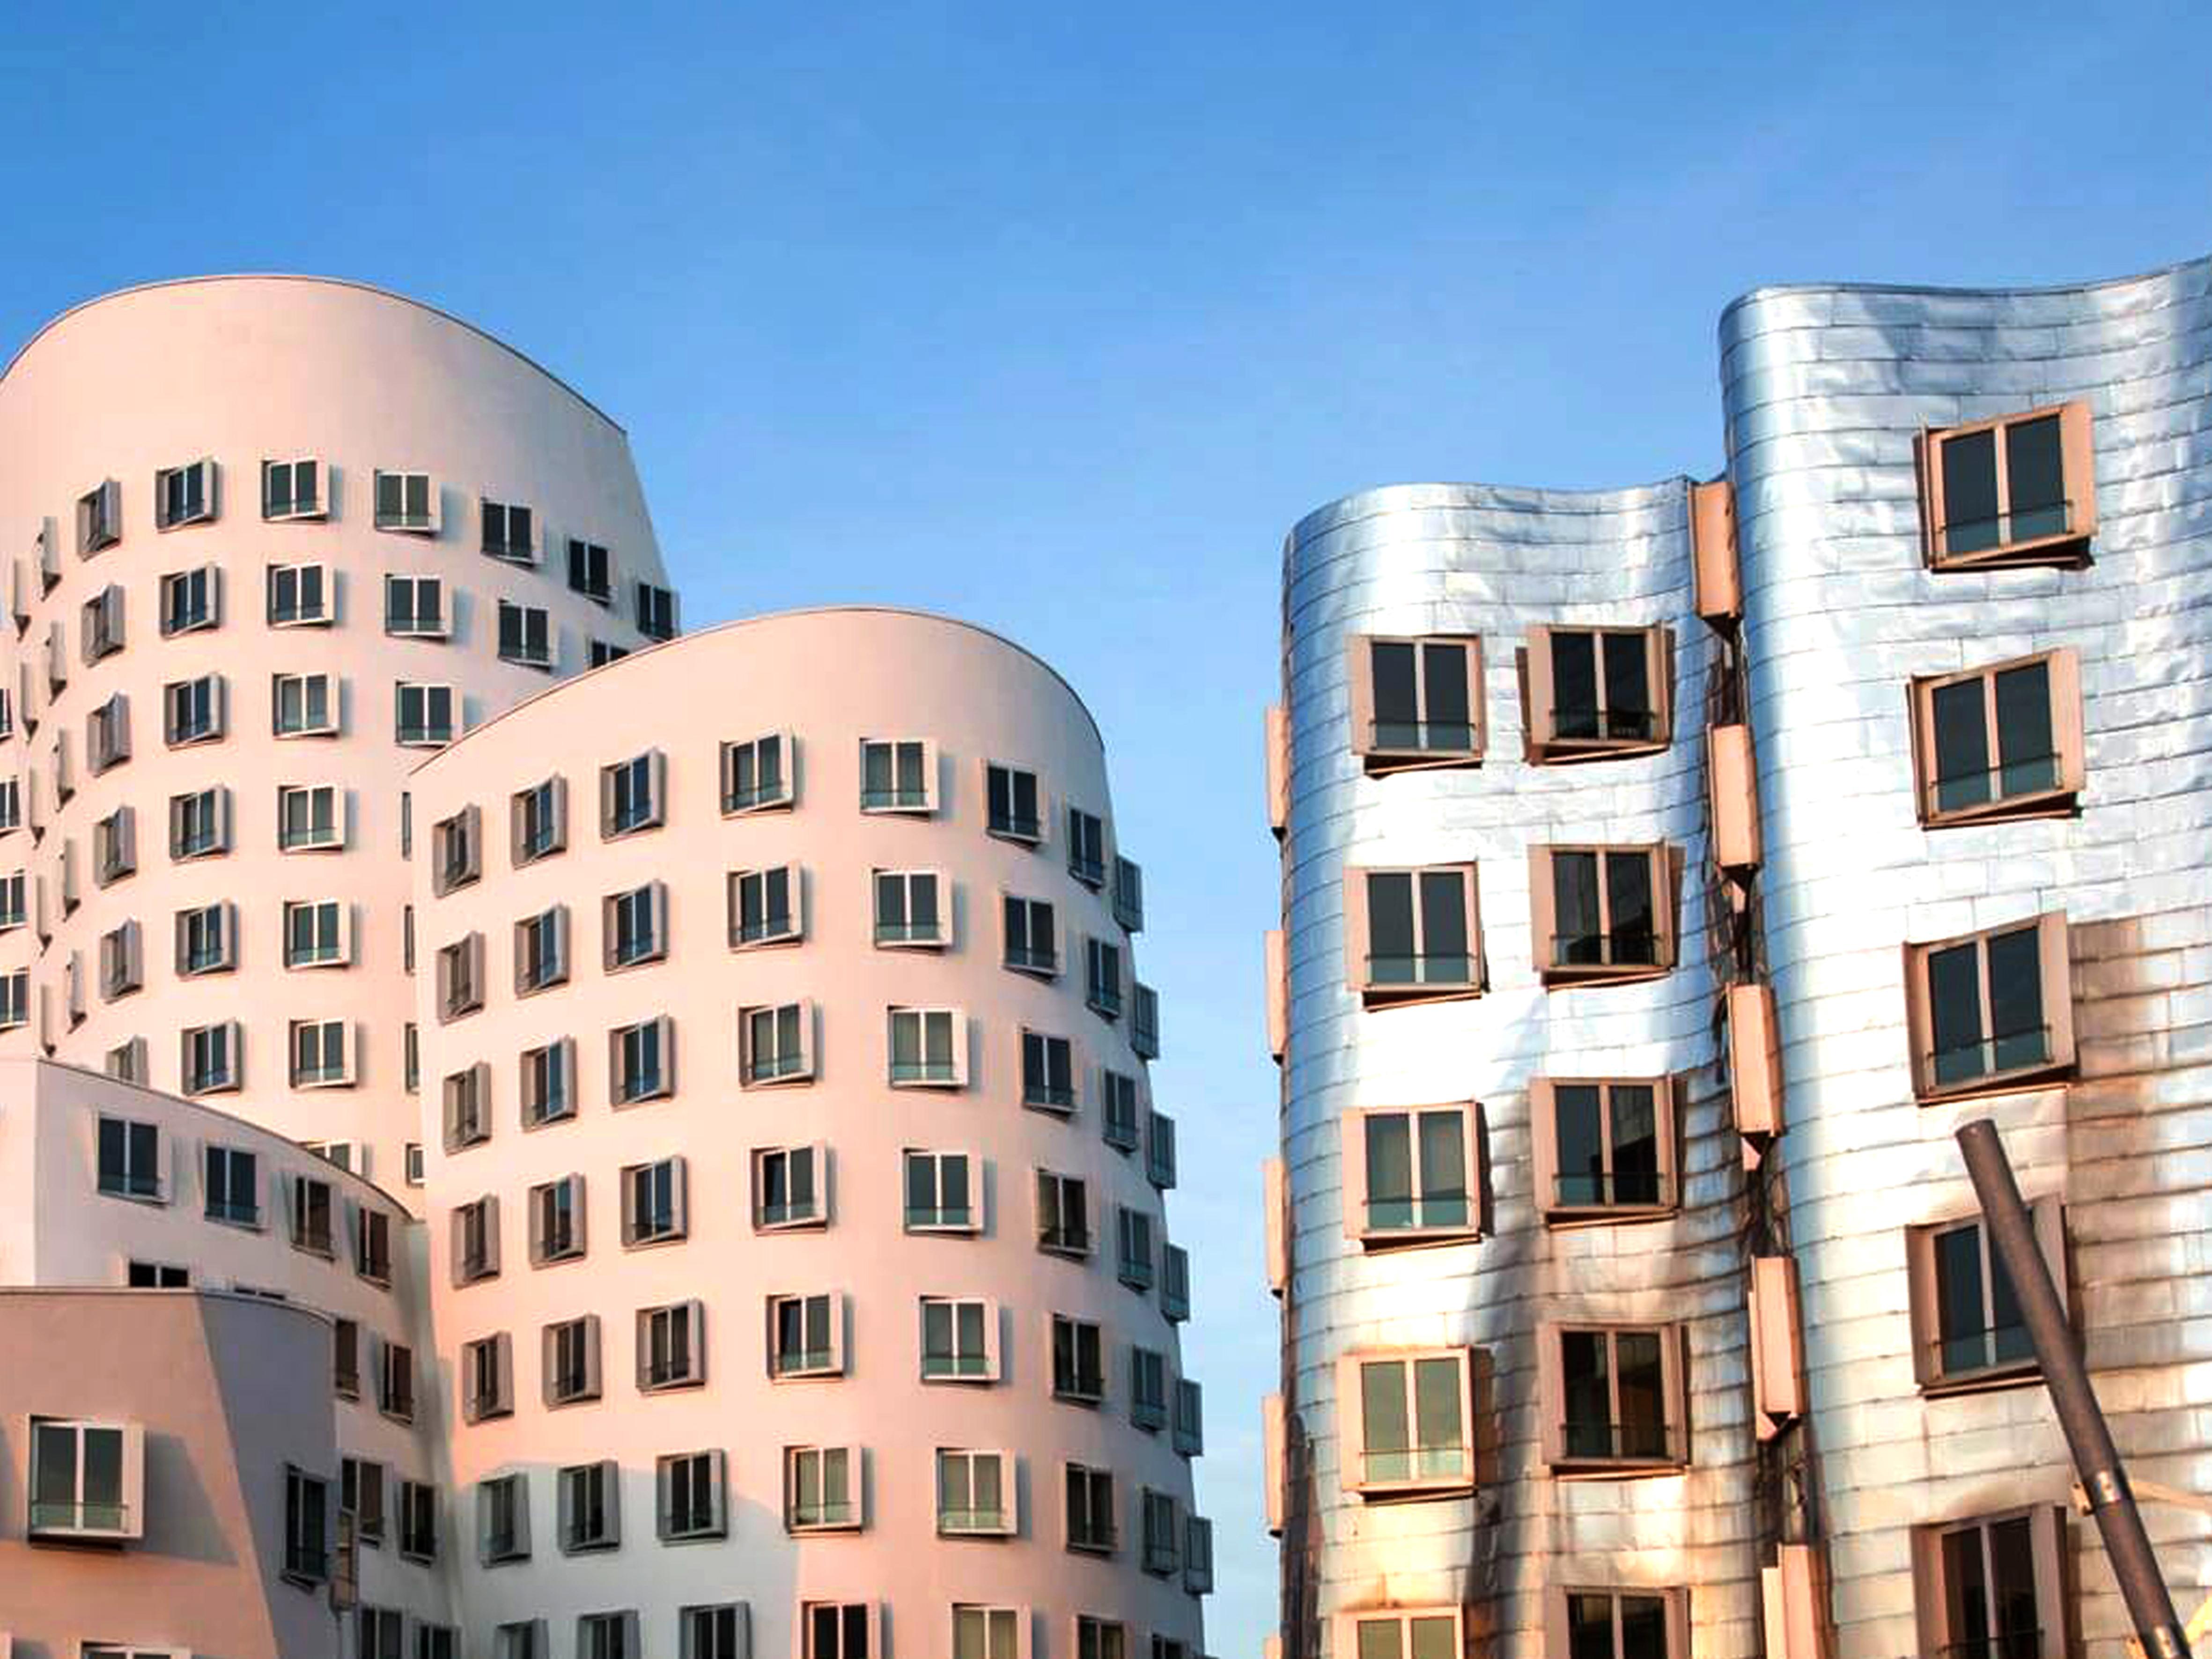 Düsseldorf - Architecture